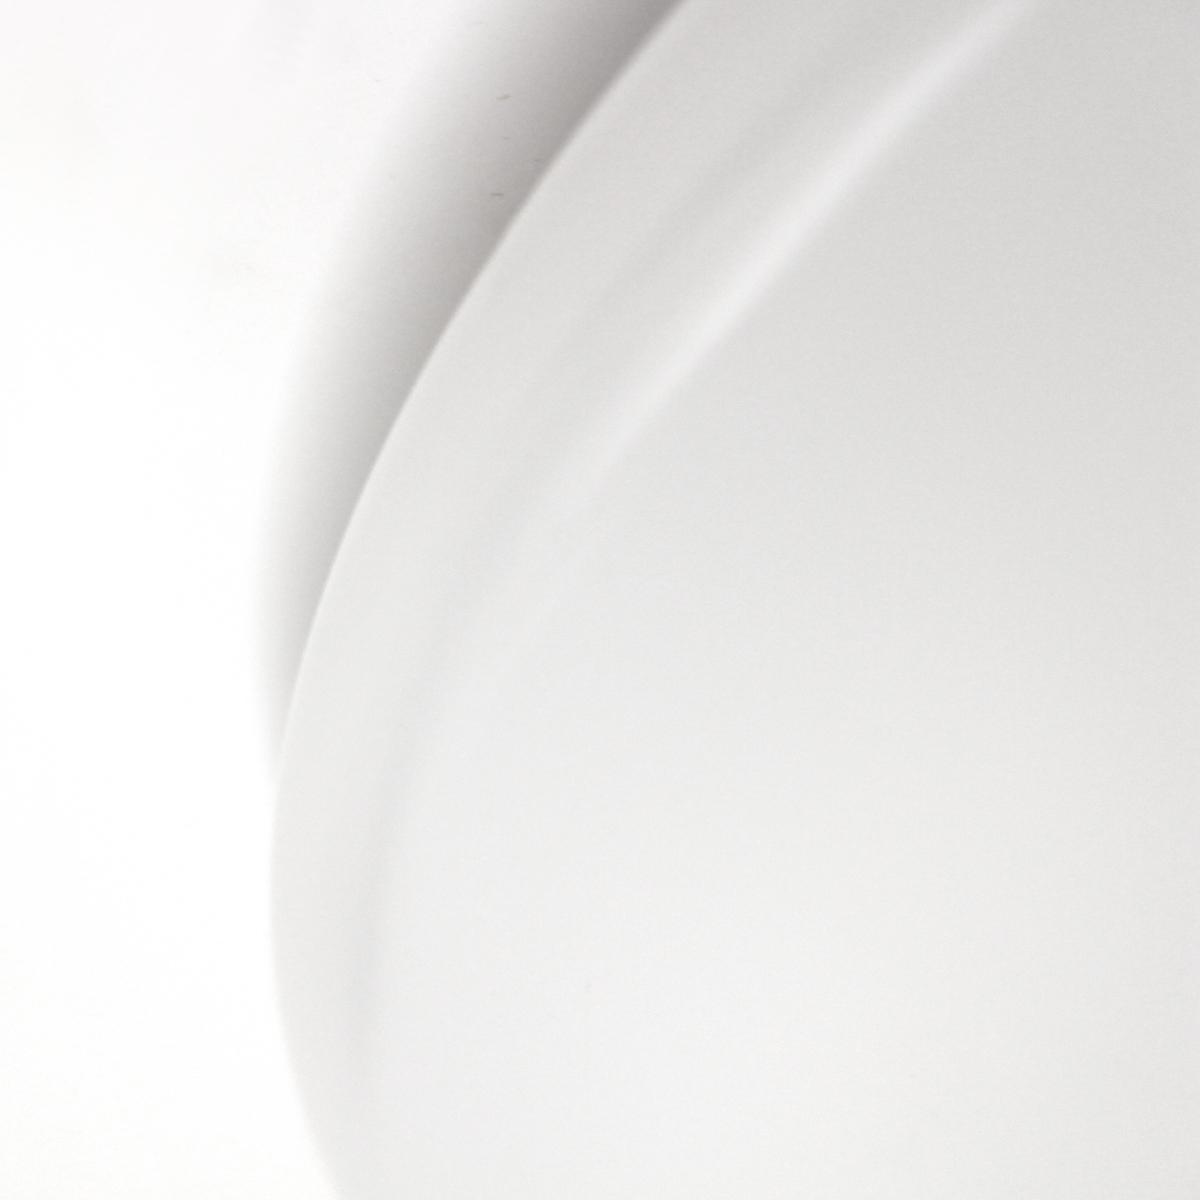 Lampenlux LED Deckenlampe Deckenleuchte Alvaro-Led Glasschirm Opal Abdeckung Ø: 37cm